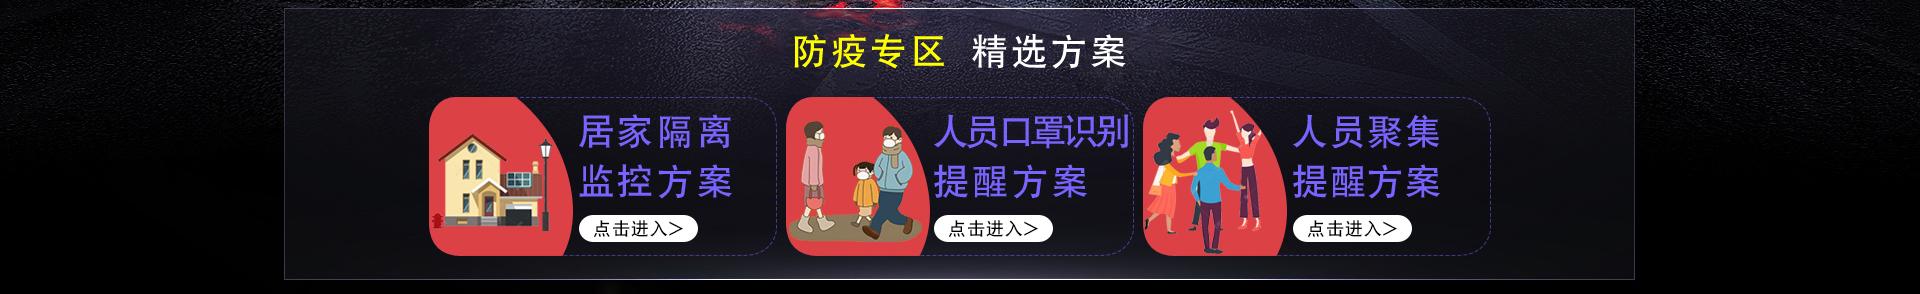 海鼎安防_海鼎安防专营店 - 京东